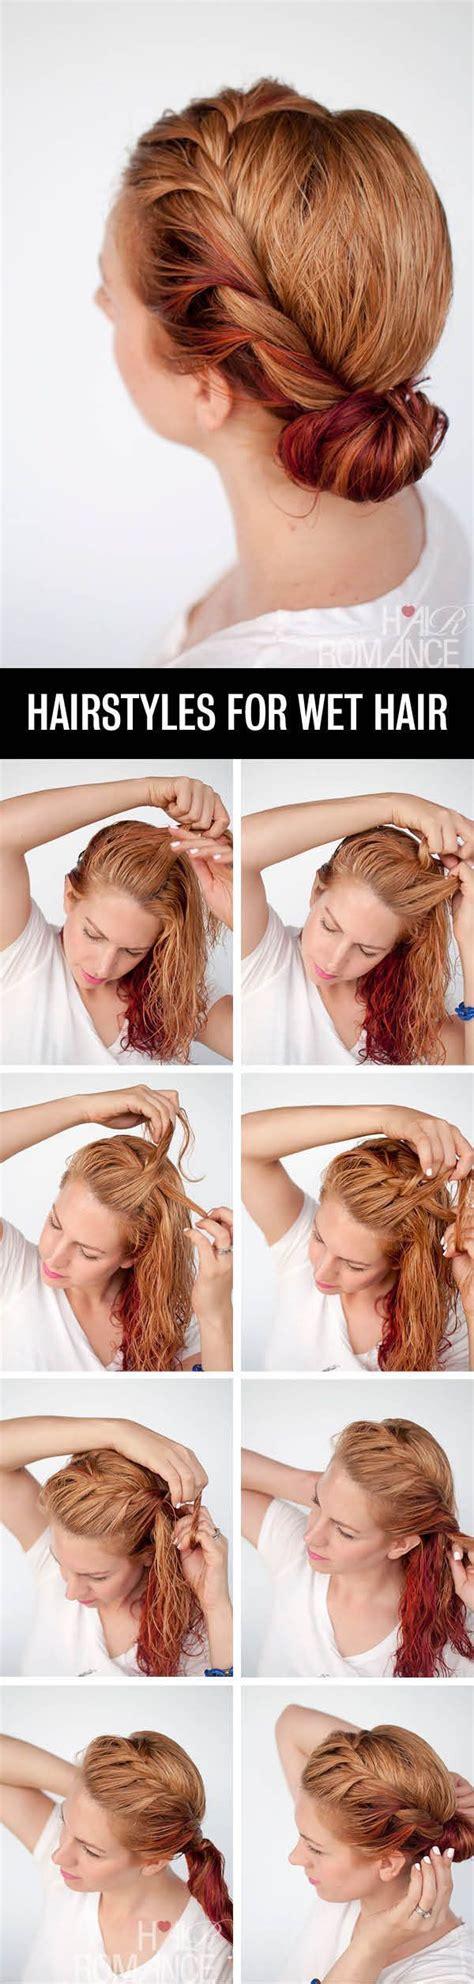 cute hairstyles for going out with friends elegantes peinados para fiestas paso a paso peinados